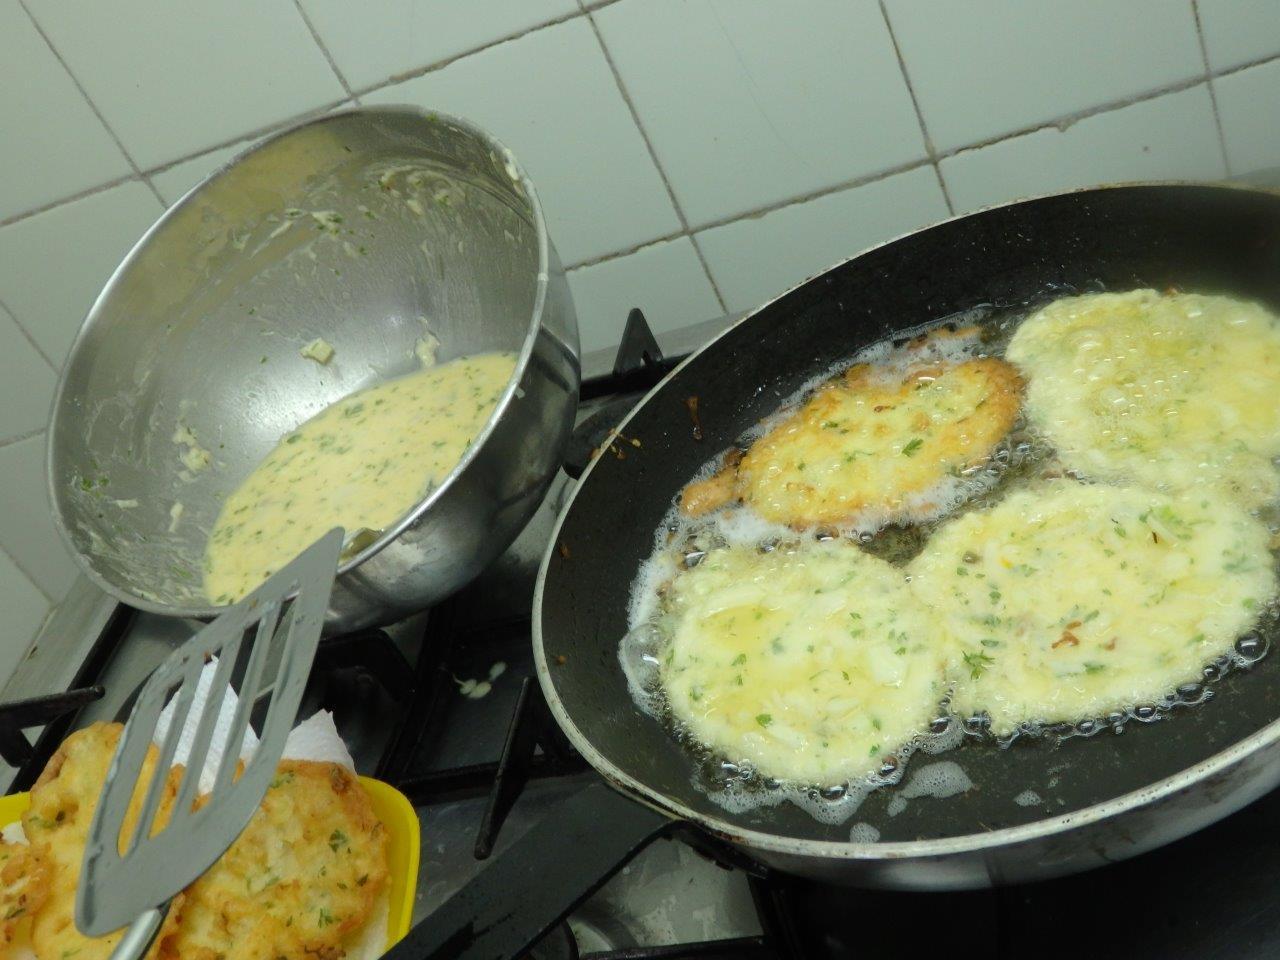 Pataniscas crocantes de bacalhau pataniscas crocantes de bacalhau Pataniscas crocantes de bacalhau Pataniscas crocantes de bacalhau 2